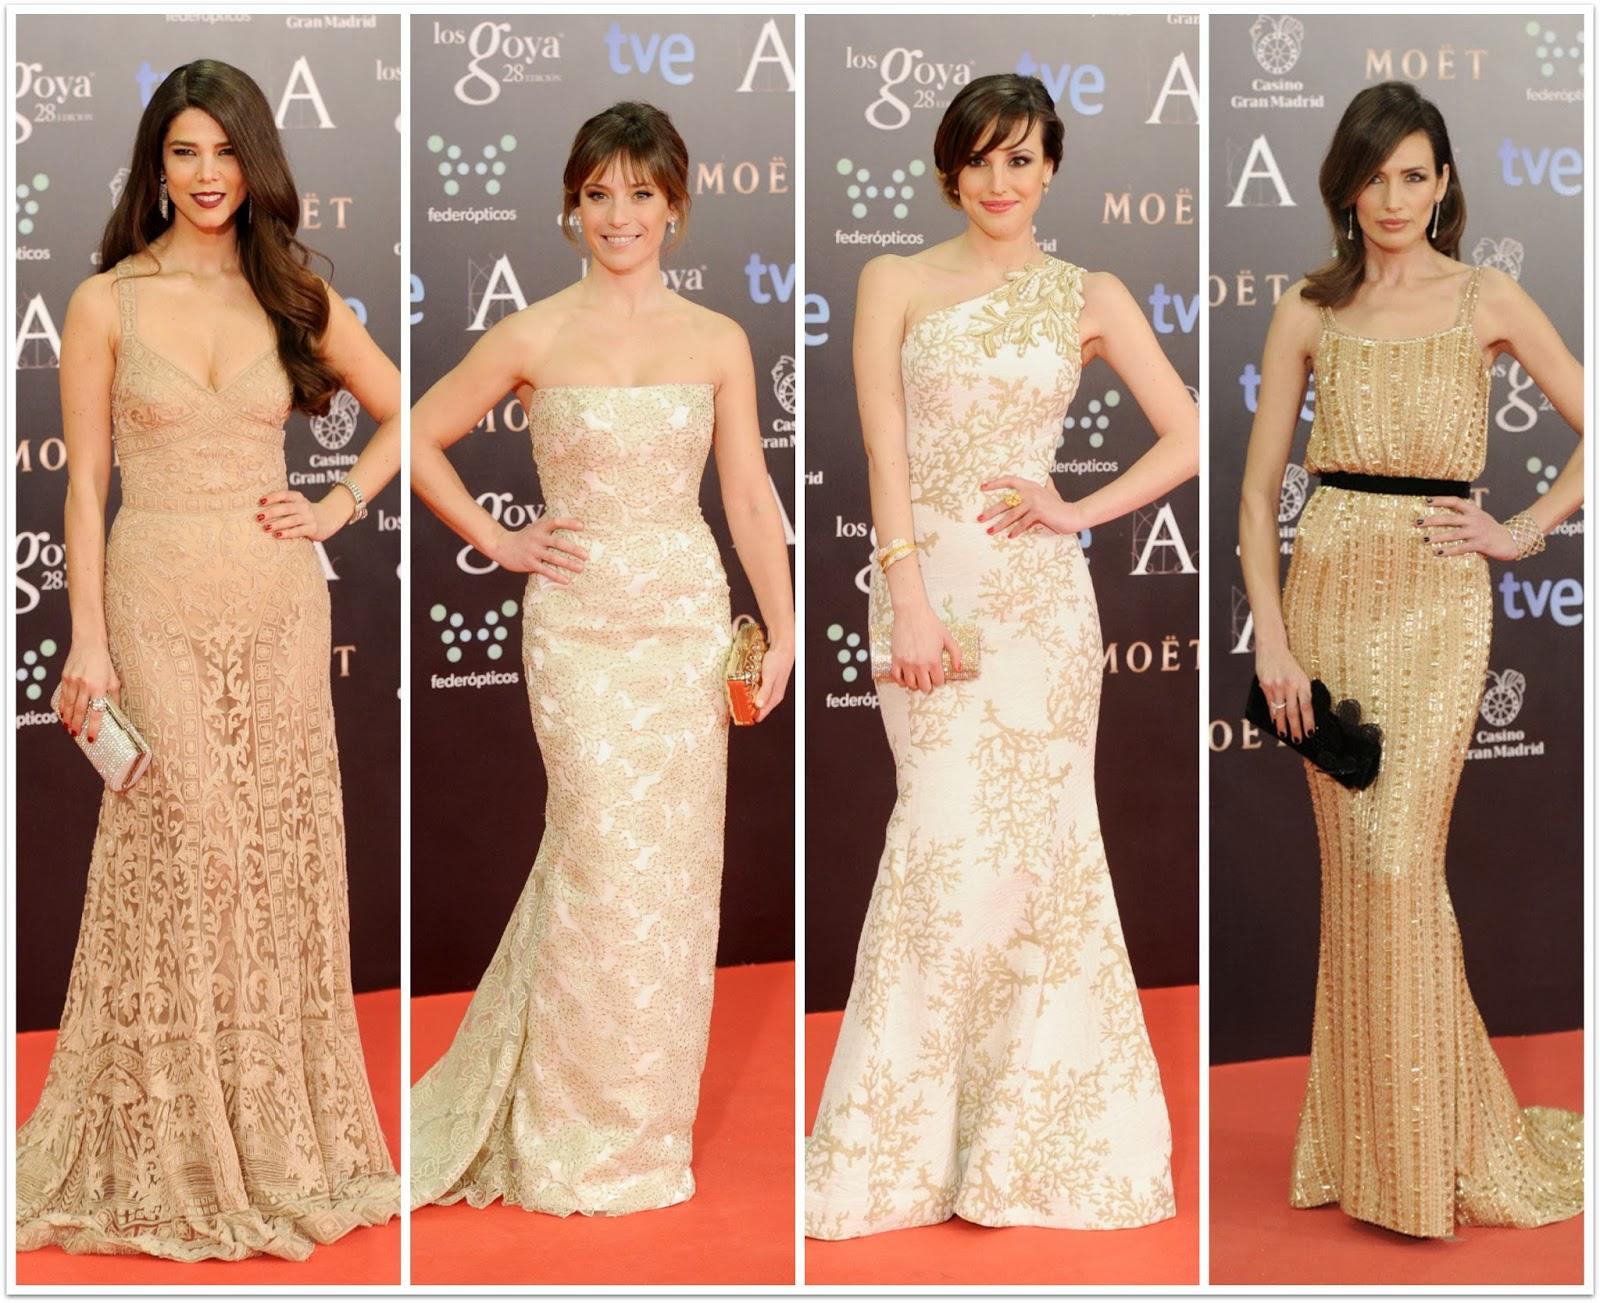 Blanco dorado brillo Los Goya 28 - 2014 - Juana Acosta, Marta Etura, Natalia de Molina, Nieves Álvarez